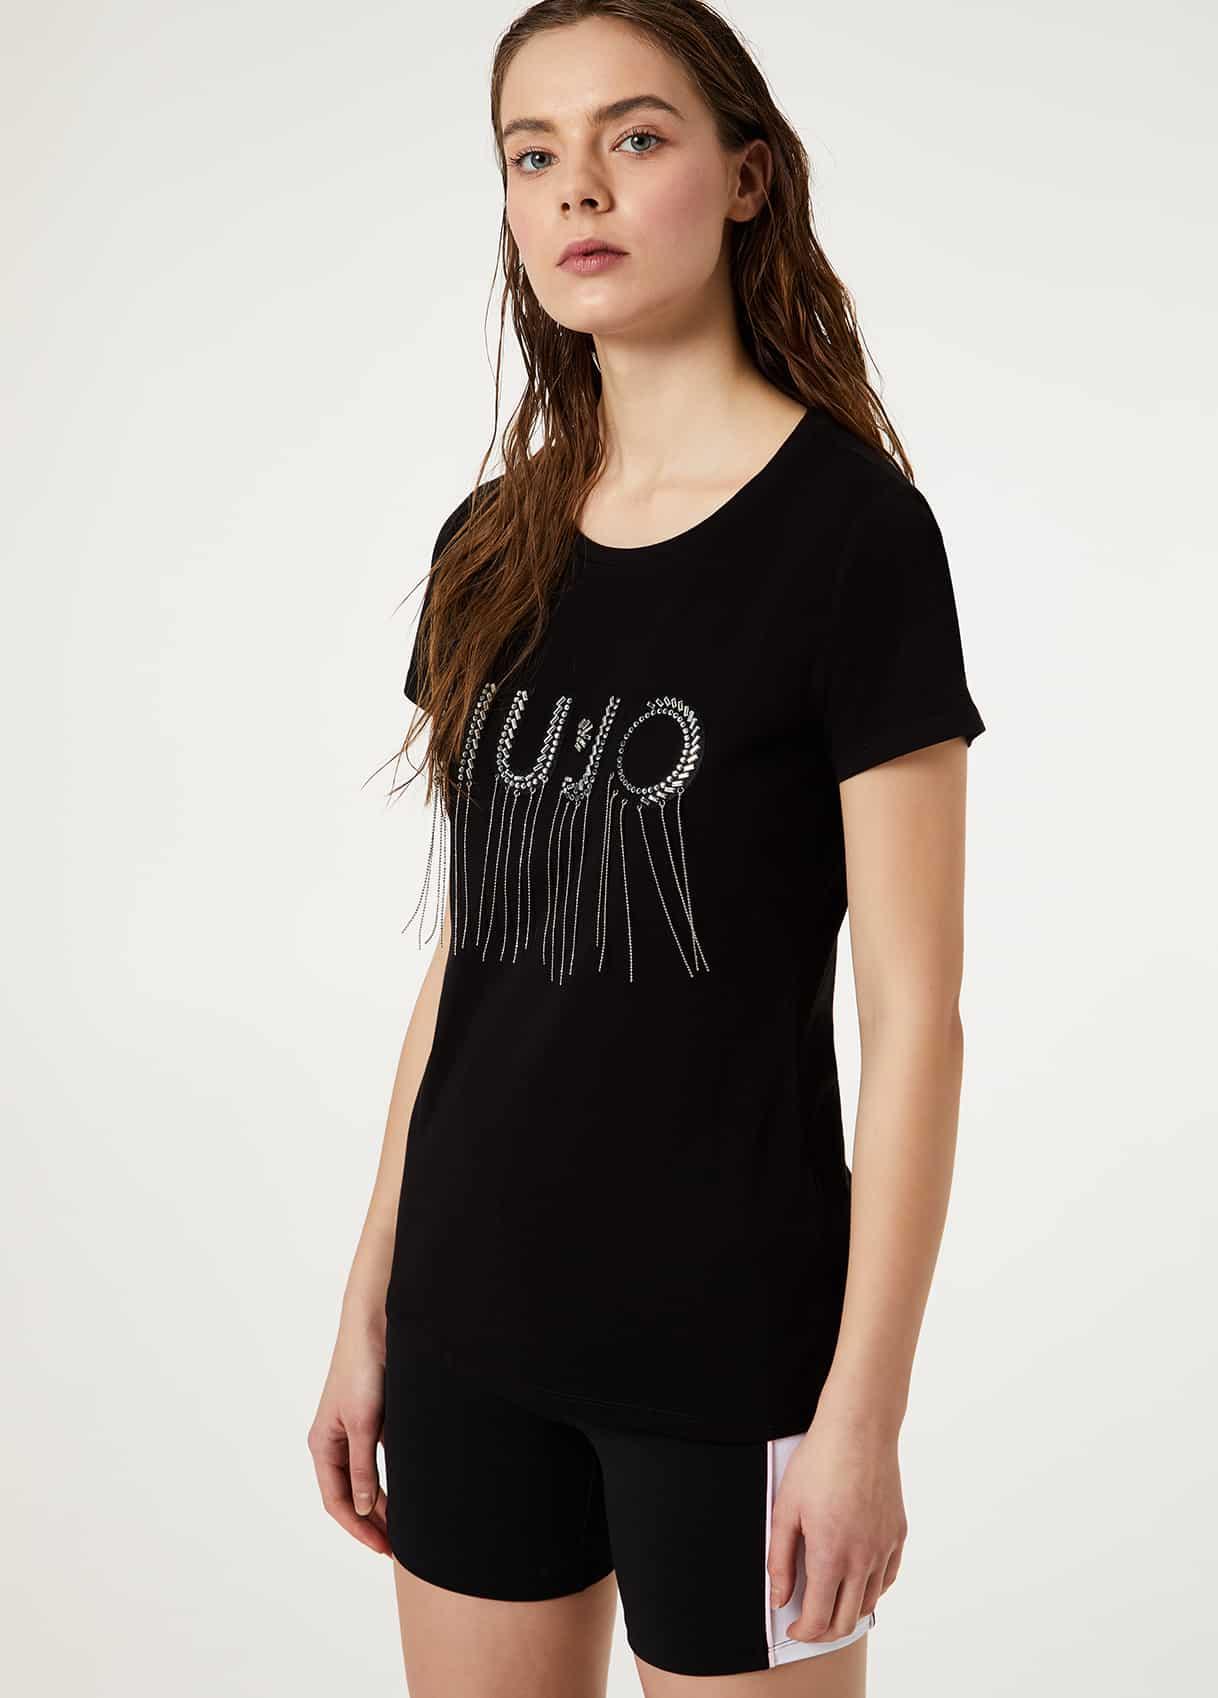 8056156853115-Sportswear-Sporttops-t-shirts-TA0109J500322222-I-AF-N-R-01-N